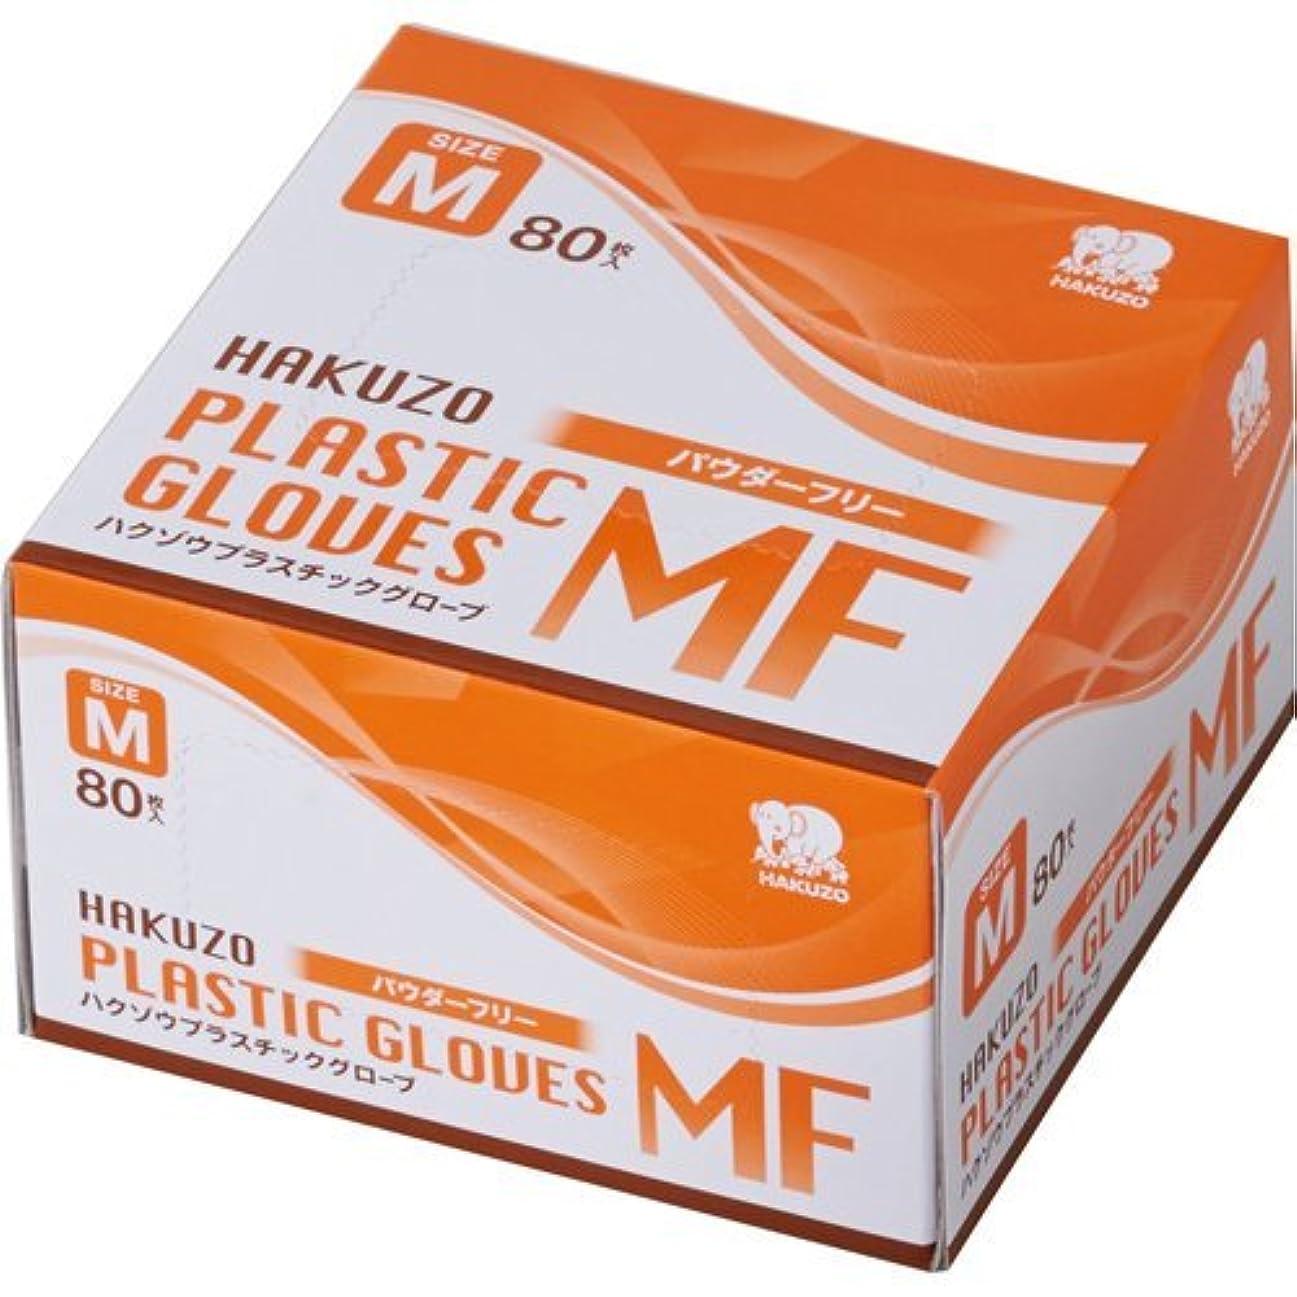 よろめく聴く科学的ハクゾウメディカル ハクゾウ プラスチックグローブMF パウダーフリー Mサイズ 80枚入